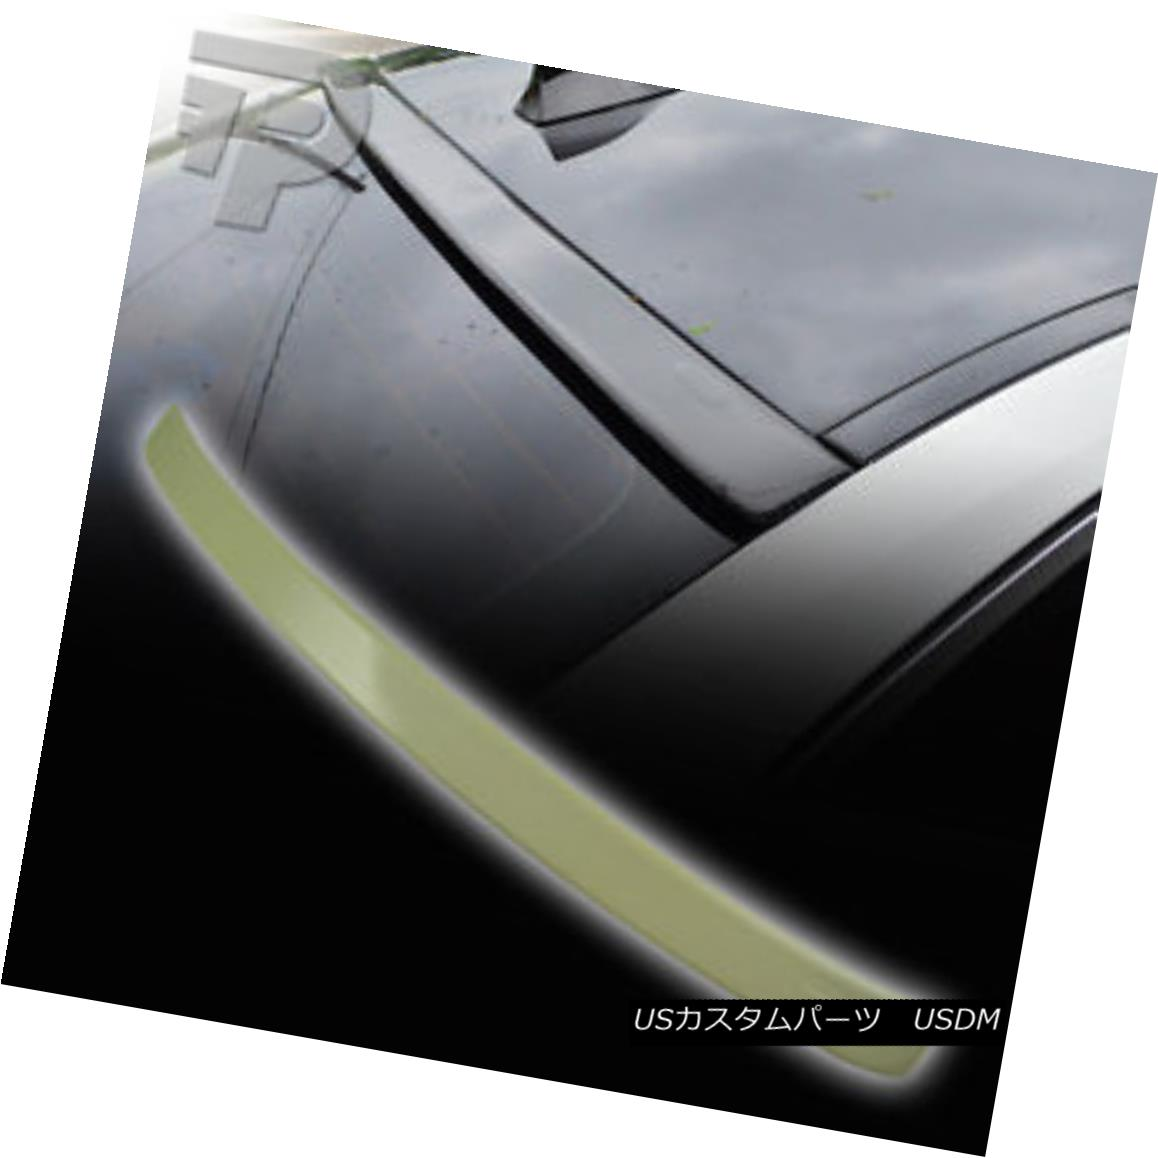 驚きの値段 エアロパーツ PAINTED BMW 5シリーズF10 A 5-SERIES F10 4D 塗装BMW A TYPE WING ROOF SPOILER 475 BLACK ▼ 塗装BMW 5シリーズF10 4Dタイプウイングルーフスポイラー475ブラック?, AKATSUKI JAPAN:1bbeb4a0 --- esef.localized.me